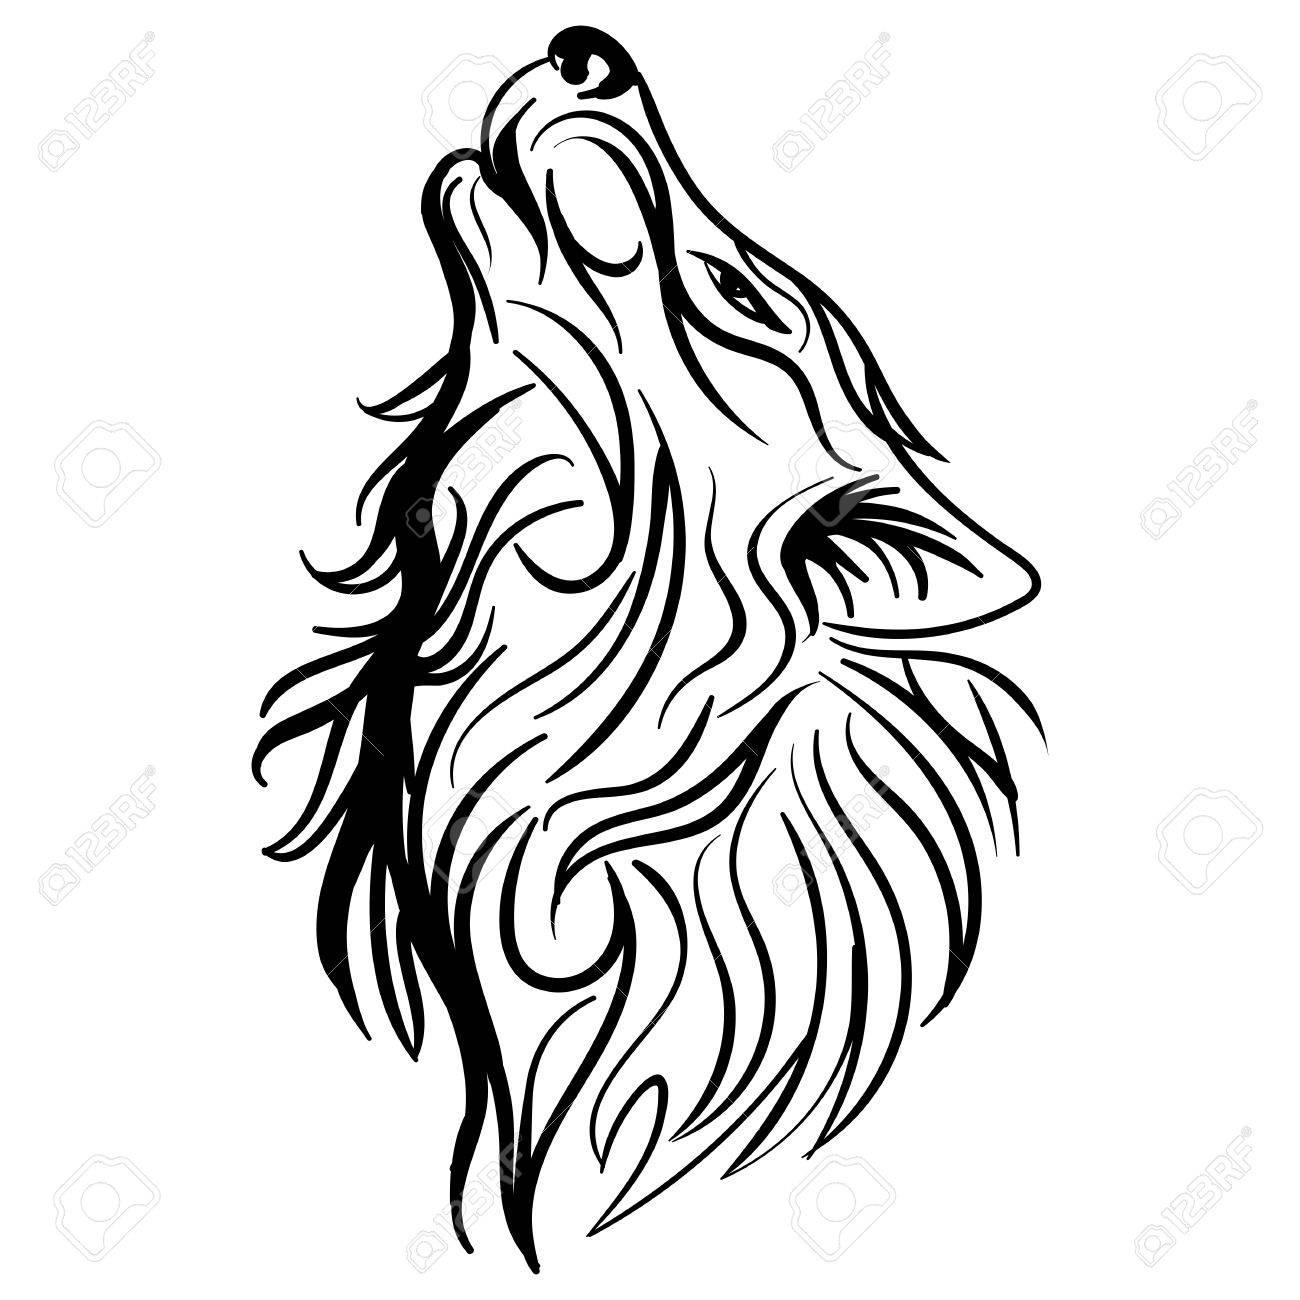 Tatuaje Tribal Del Diseño Del Aullido De La Cabeza Del Lobo